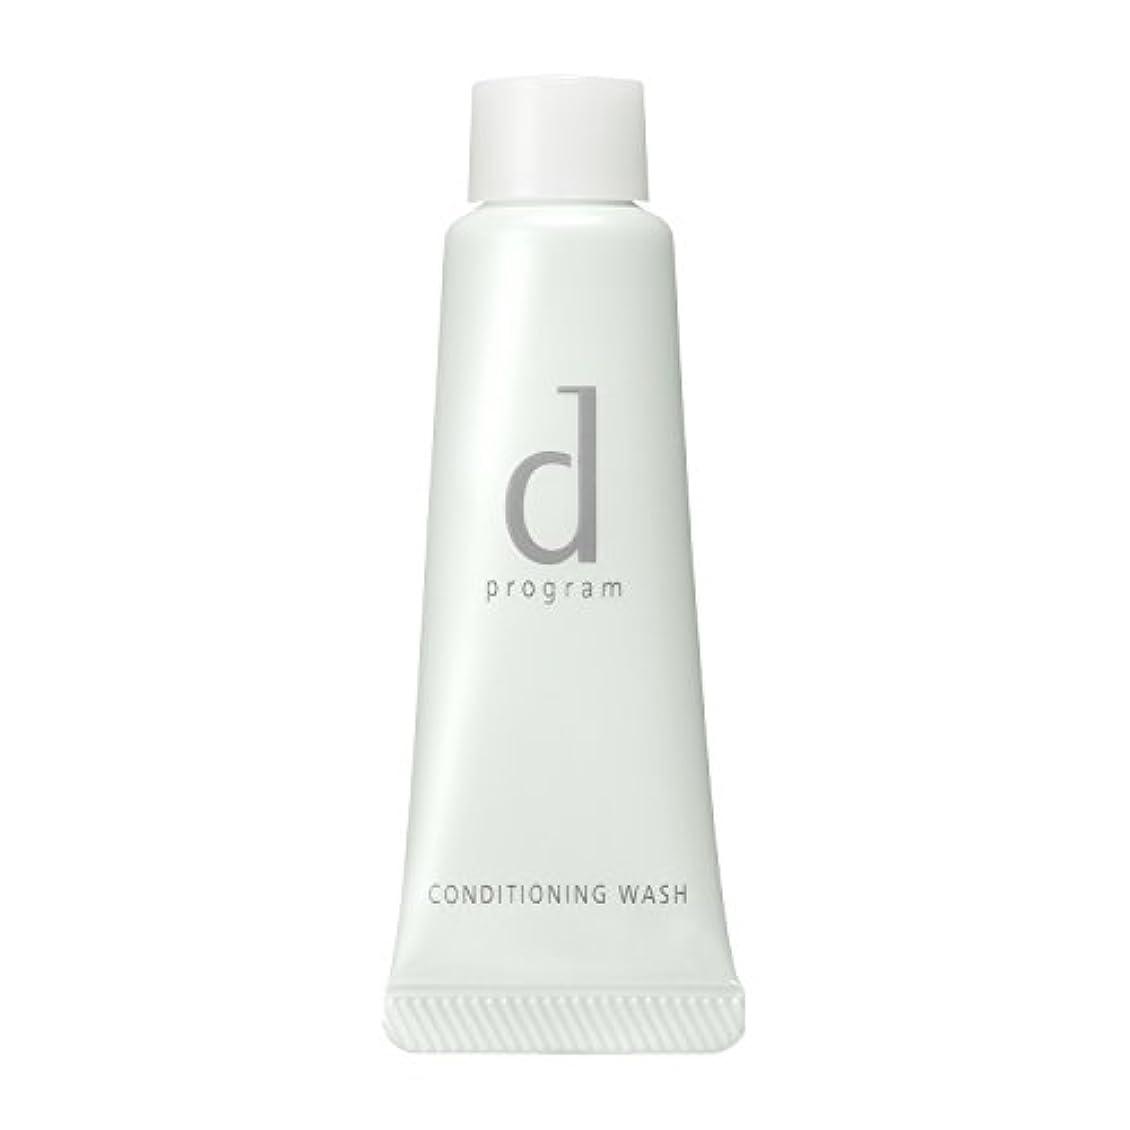 定期的さておきとd プログラム コンディショニングウォッシュ 洗顔フォーム (トライアルサイズ) 20g